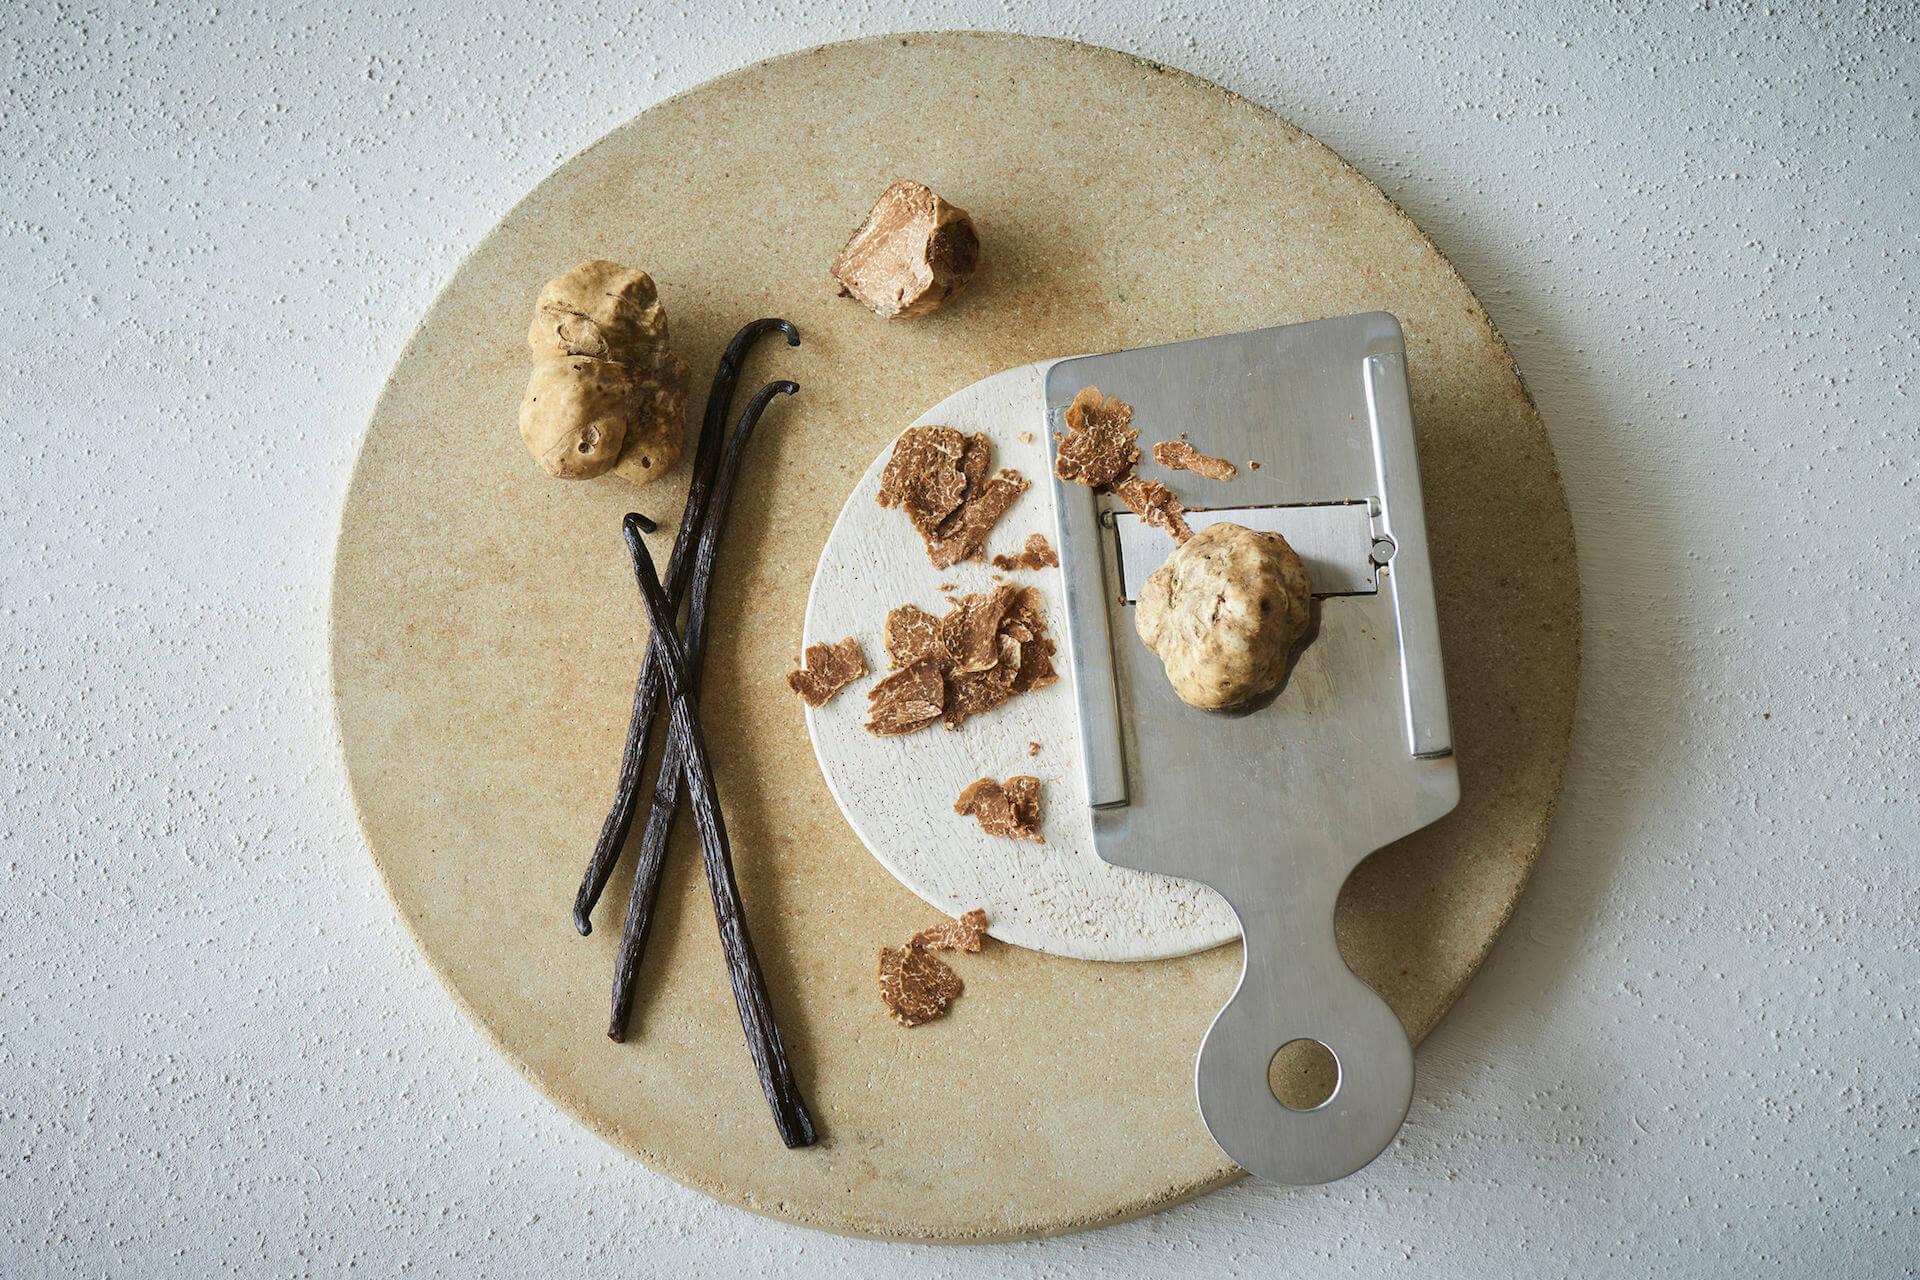 """売り切れ必至のMr. CHEESECAKE新商品が受注生産販売決定!高級食材""""白トリュフ""""を使った高価なチーズケーキ gourmet201027_mrcheesecake_1"""